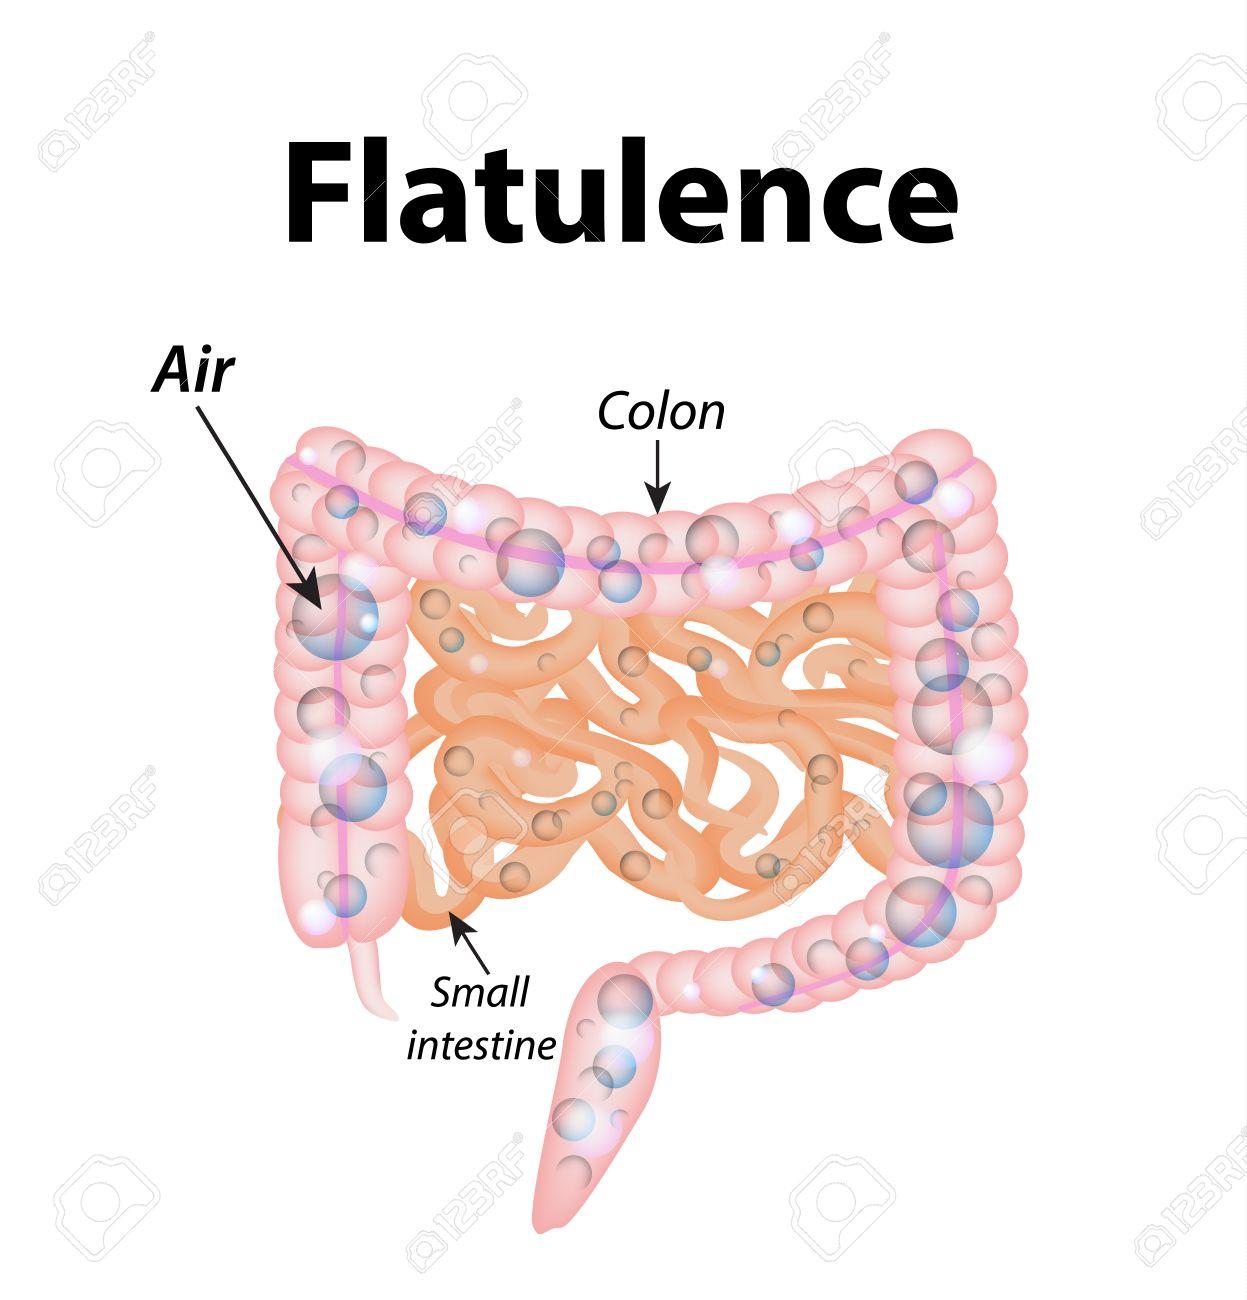 Flatulence Gases In The Small Intestine The Gases In The Colon